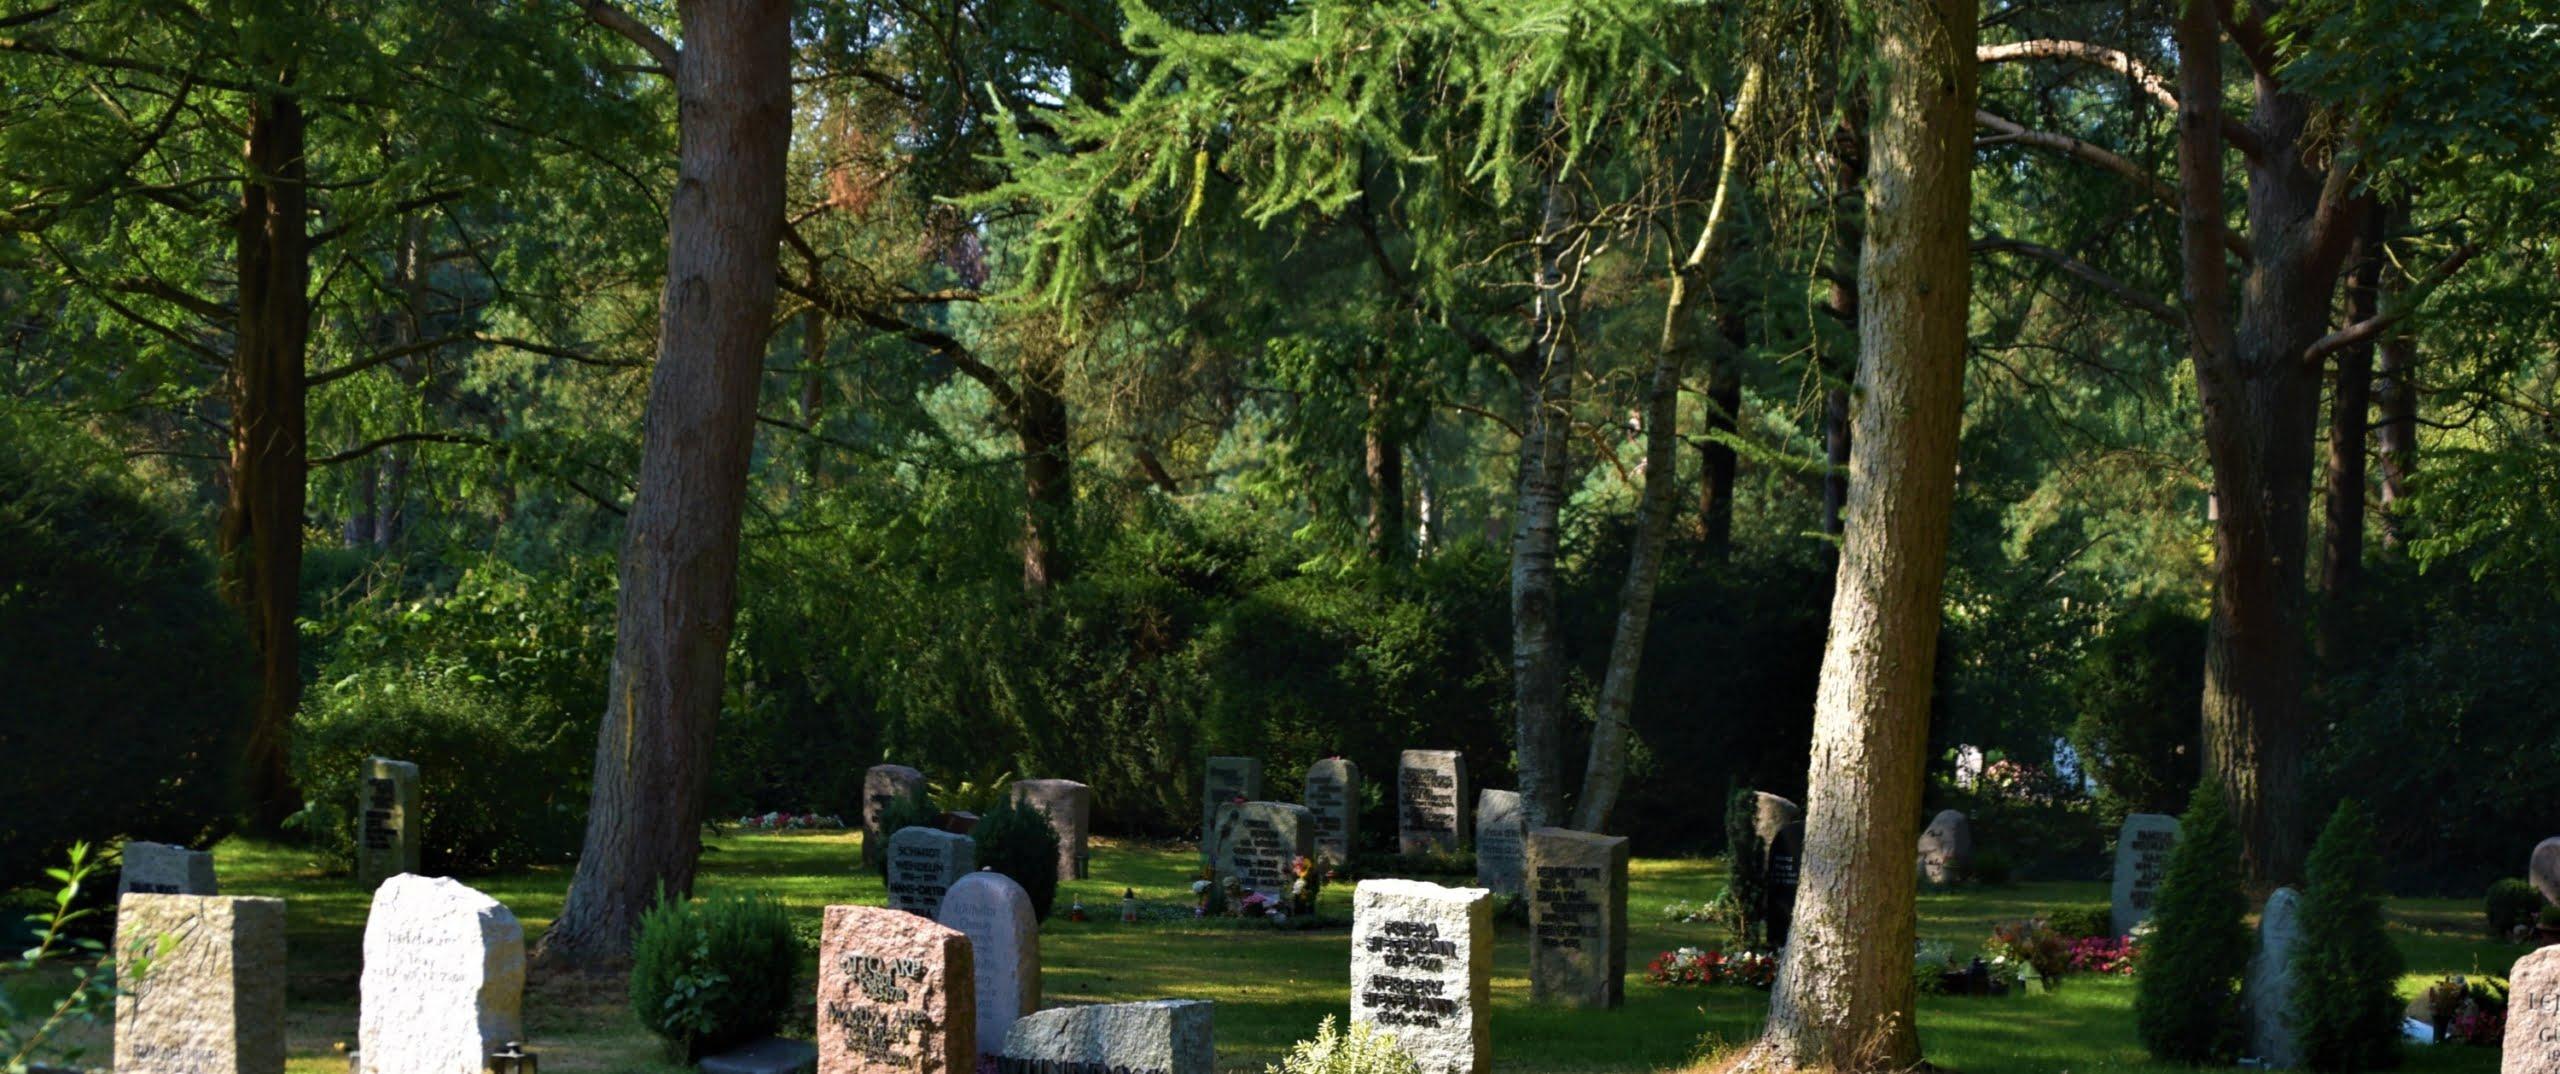 Rudolf Henke: Bundesförderung für Aachener Friedhofsflächen von fast 630.000 Euro